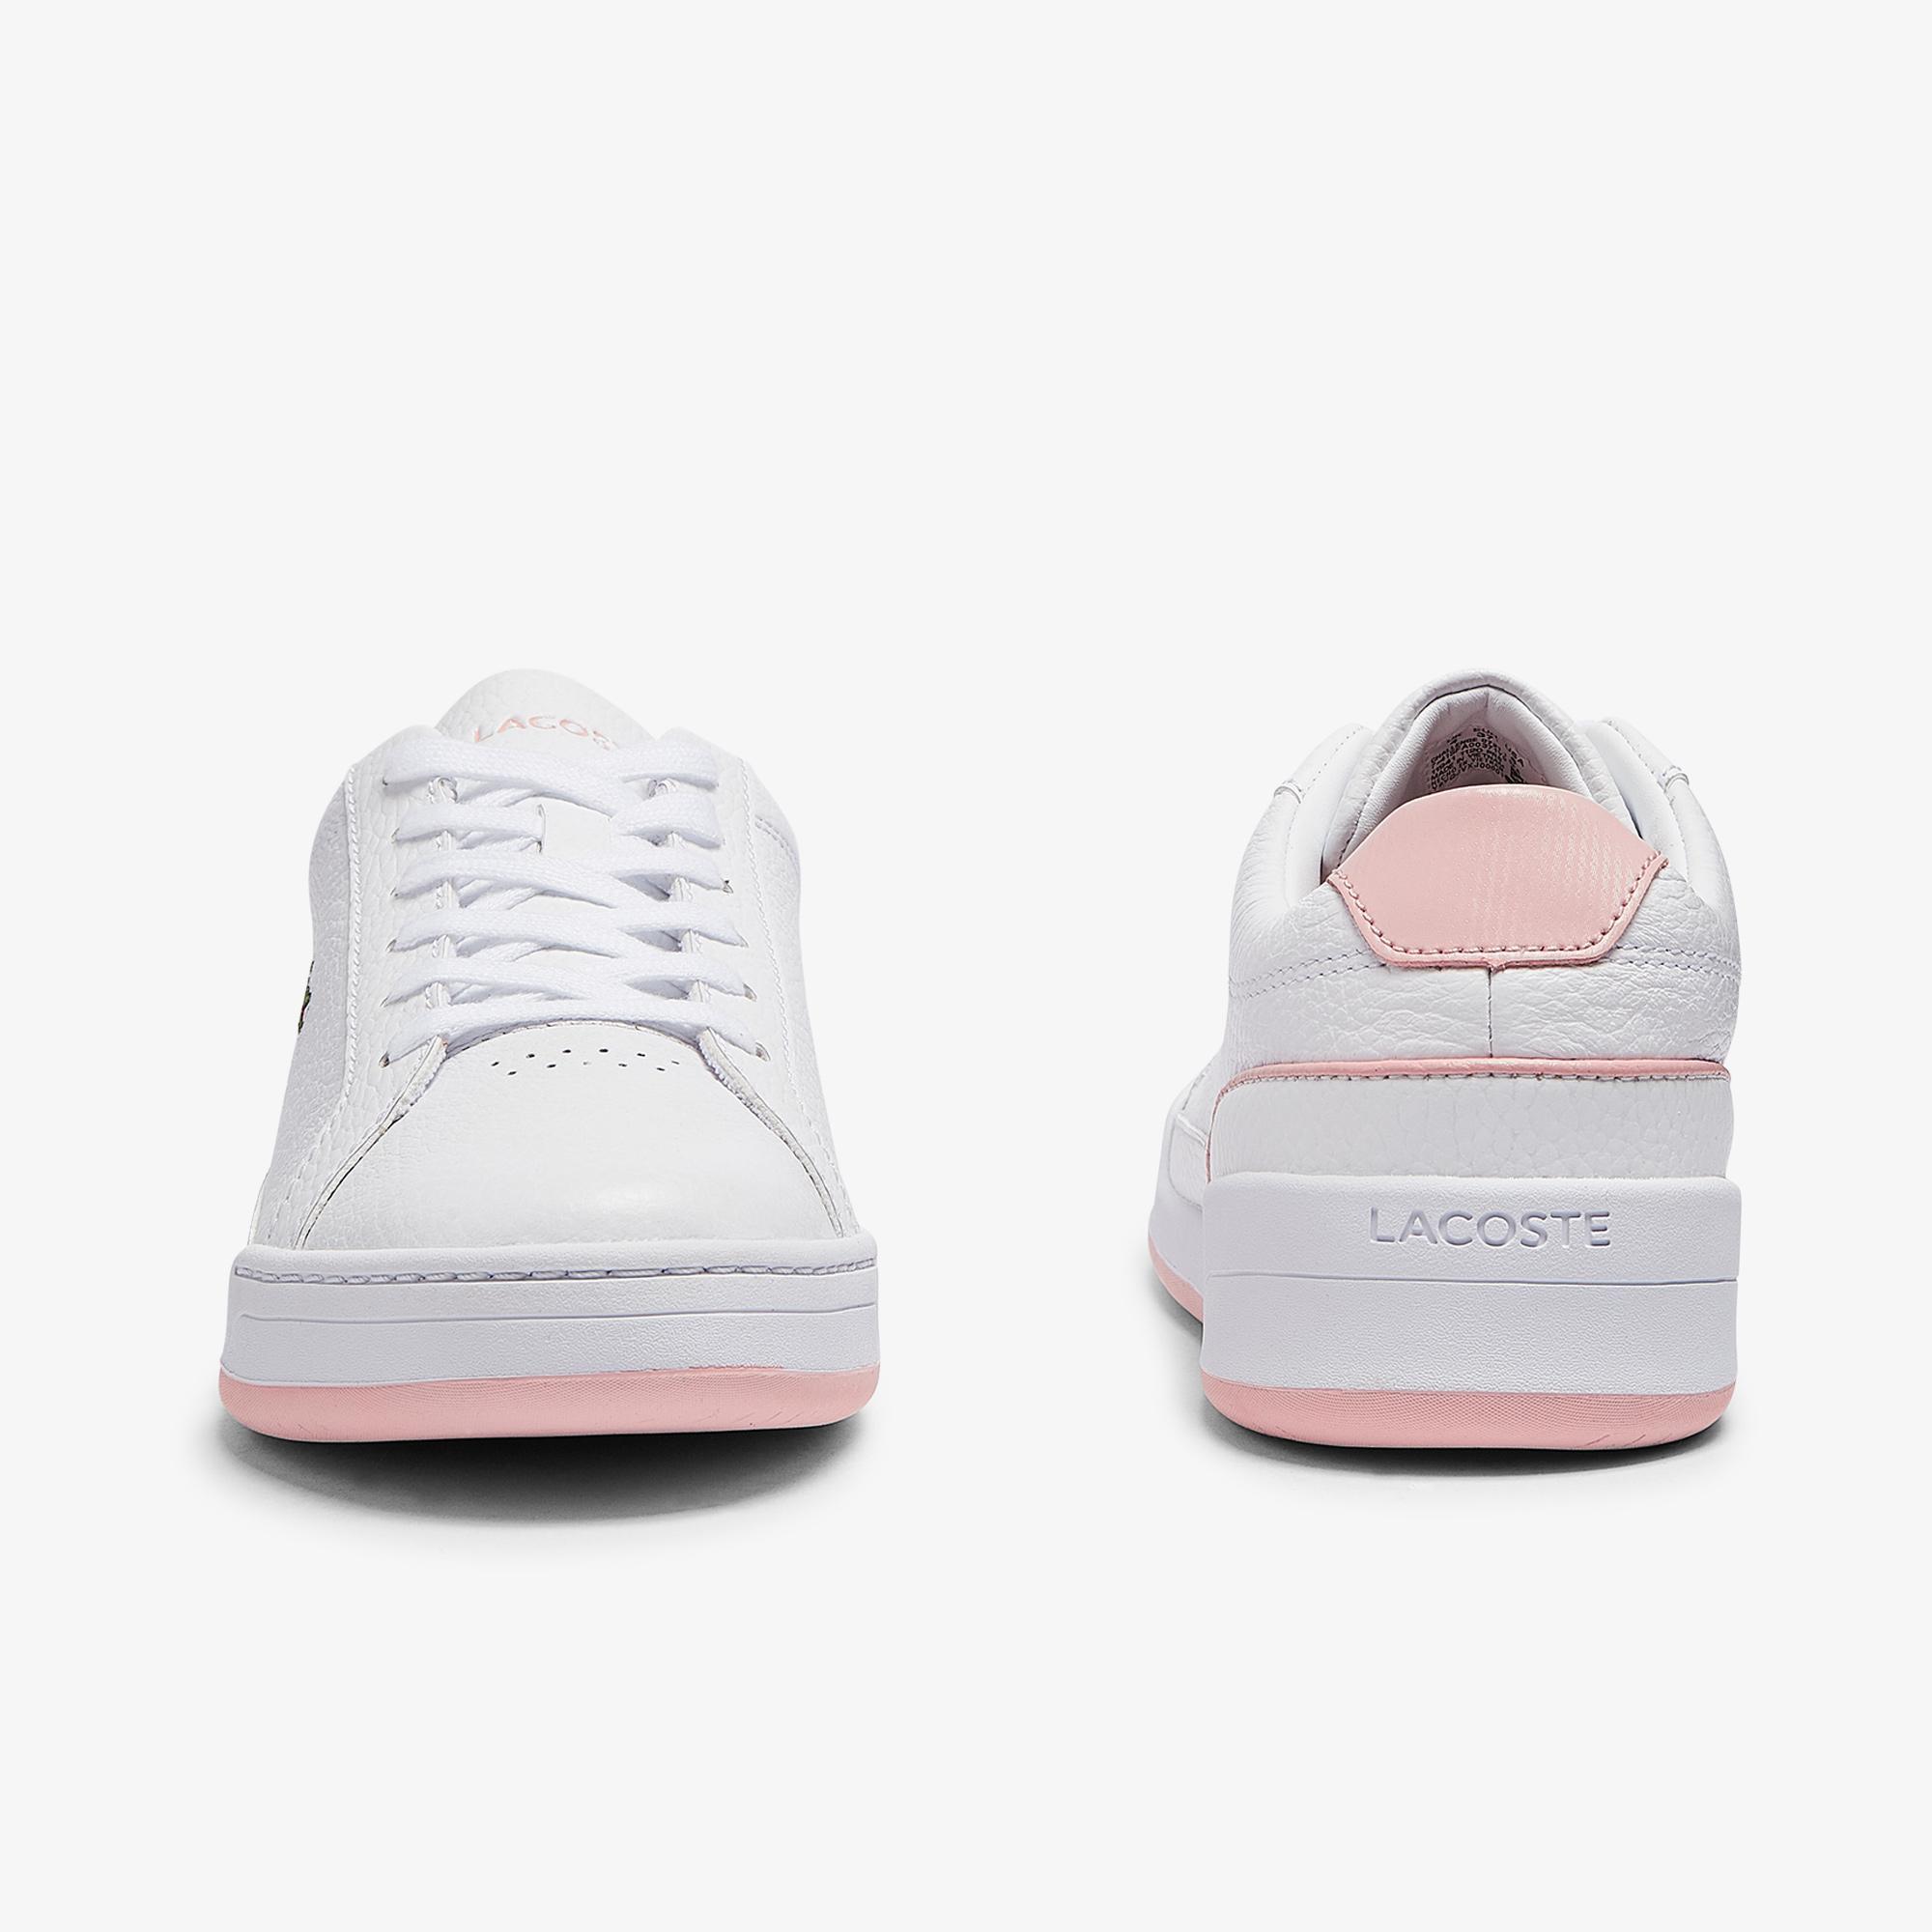 Lacoste Damskie buty Challenge 0721 1 Sfa